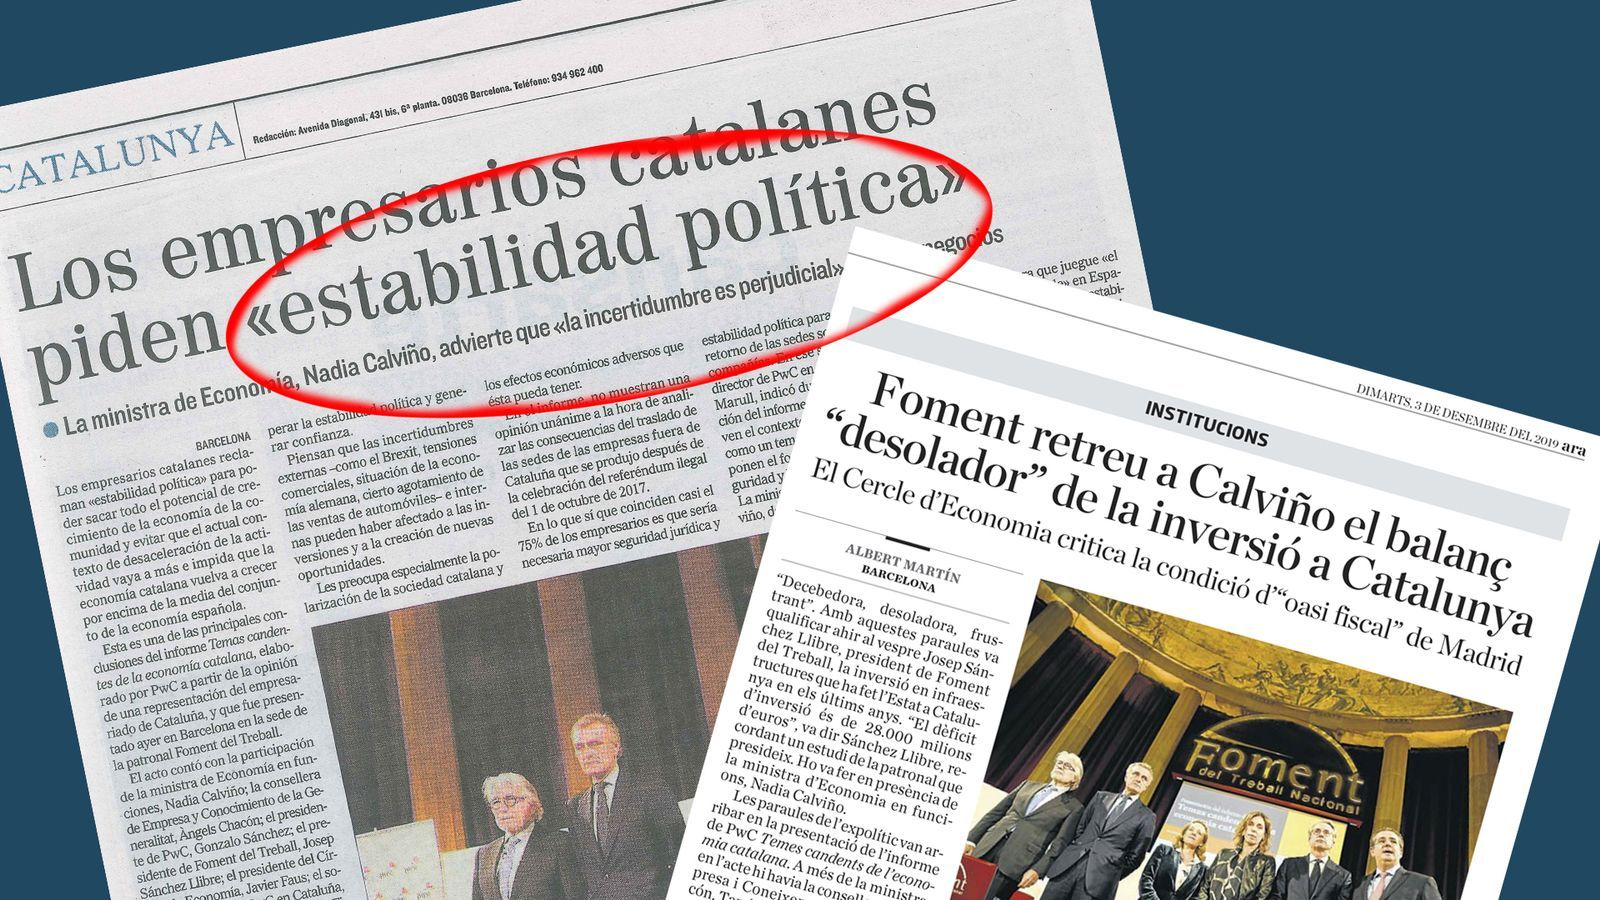 L'anàlisi d'Antoni Bassas: 'I a sobre demanen estabilitat'